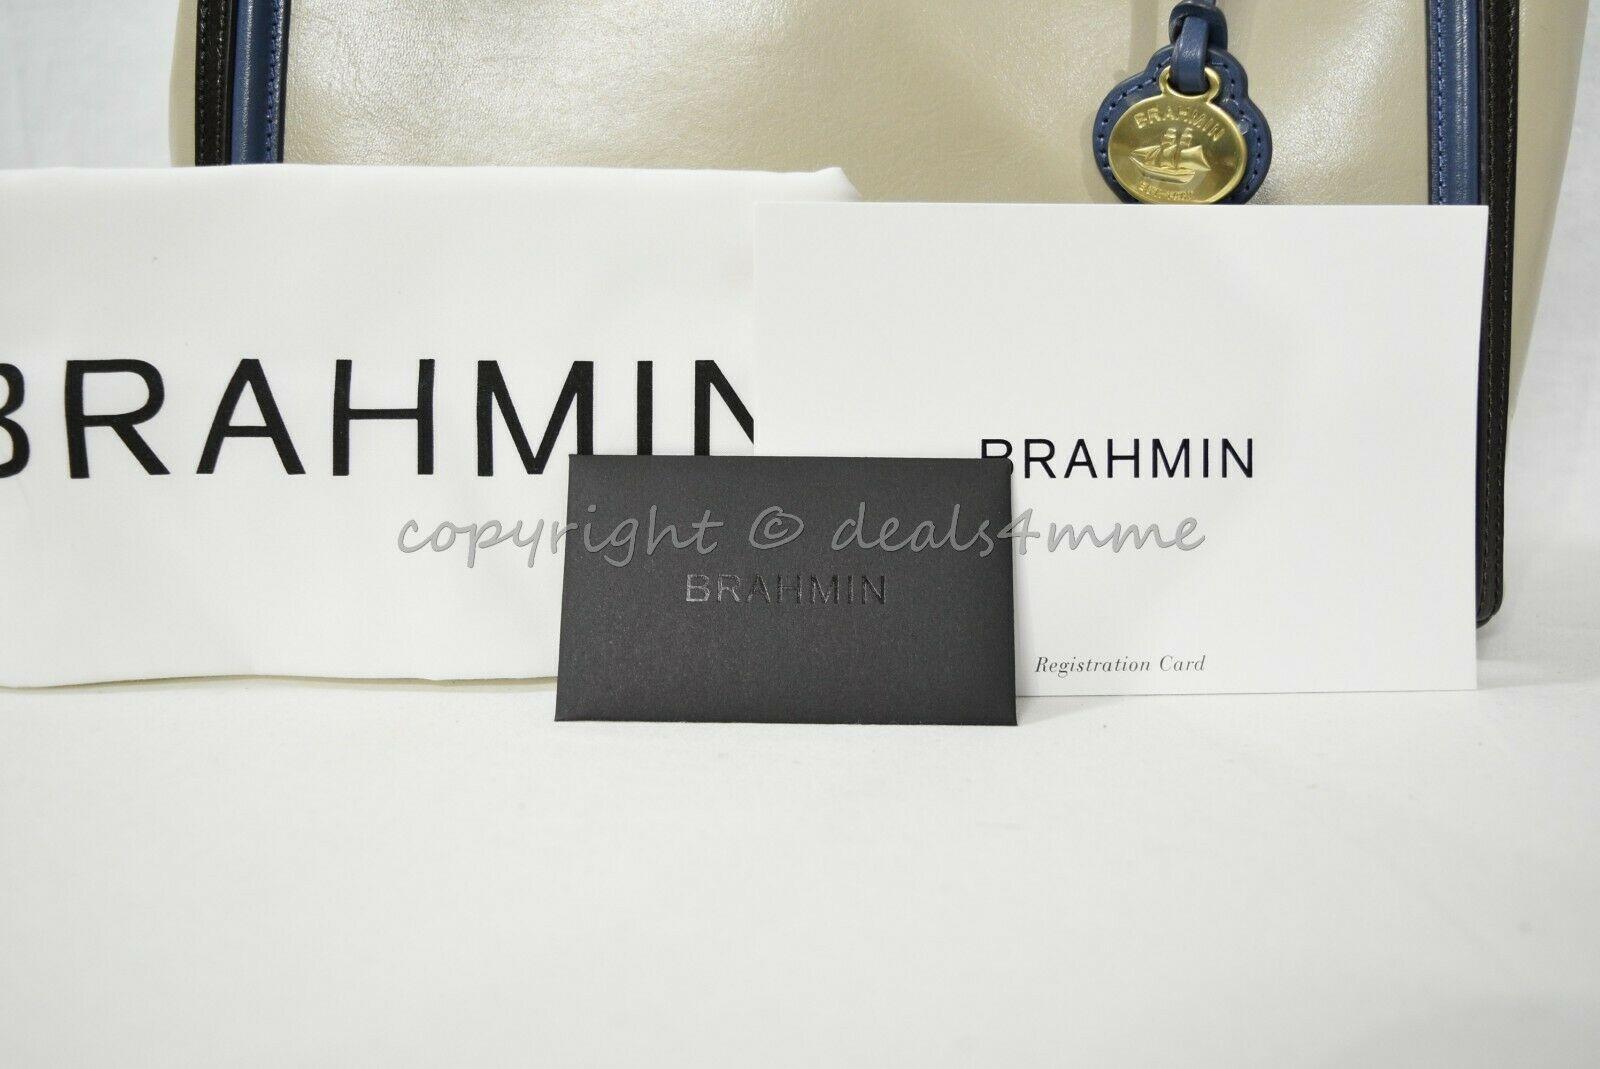 NWT Brahmin Schooner Smooth Leather Satchel/Shoulder Bag in Sand Westport image 12